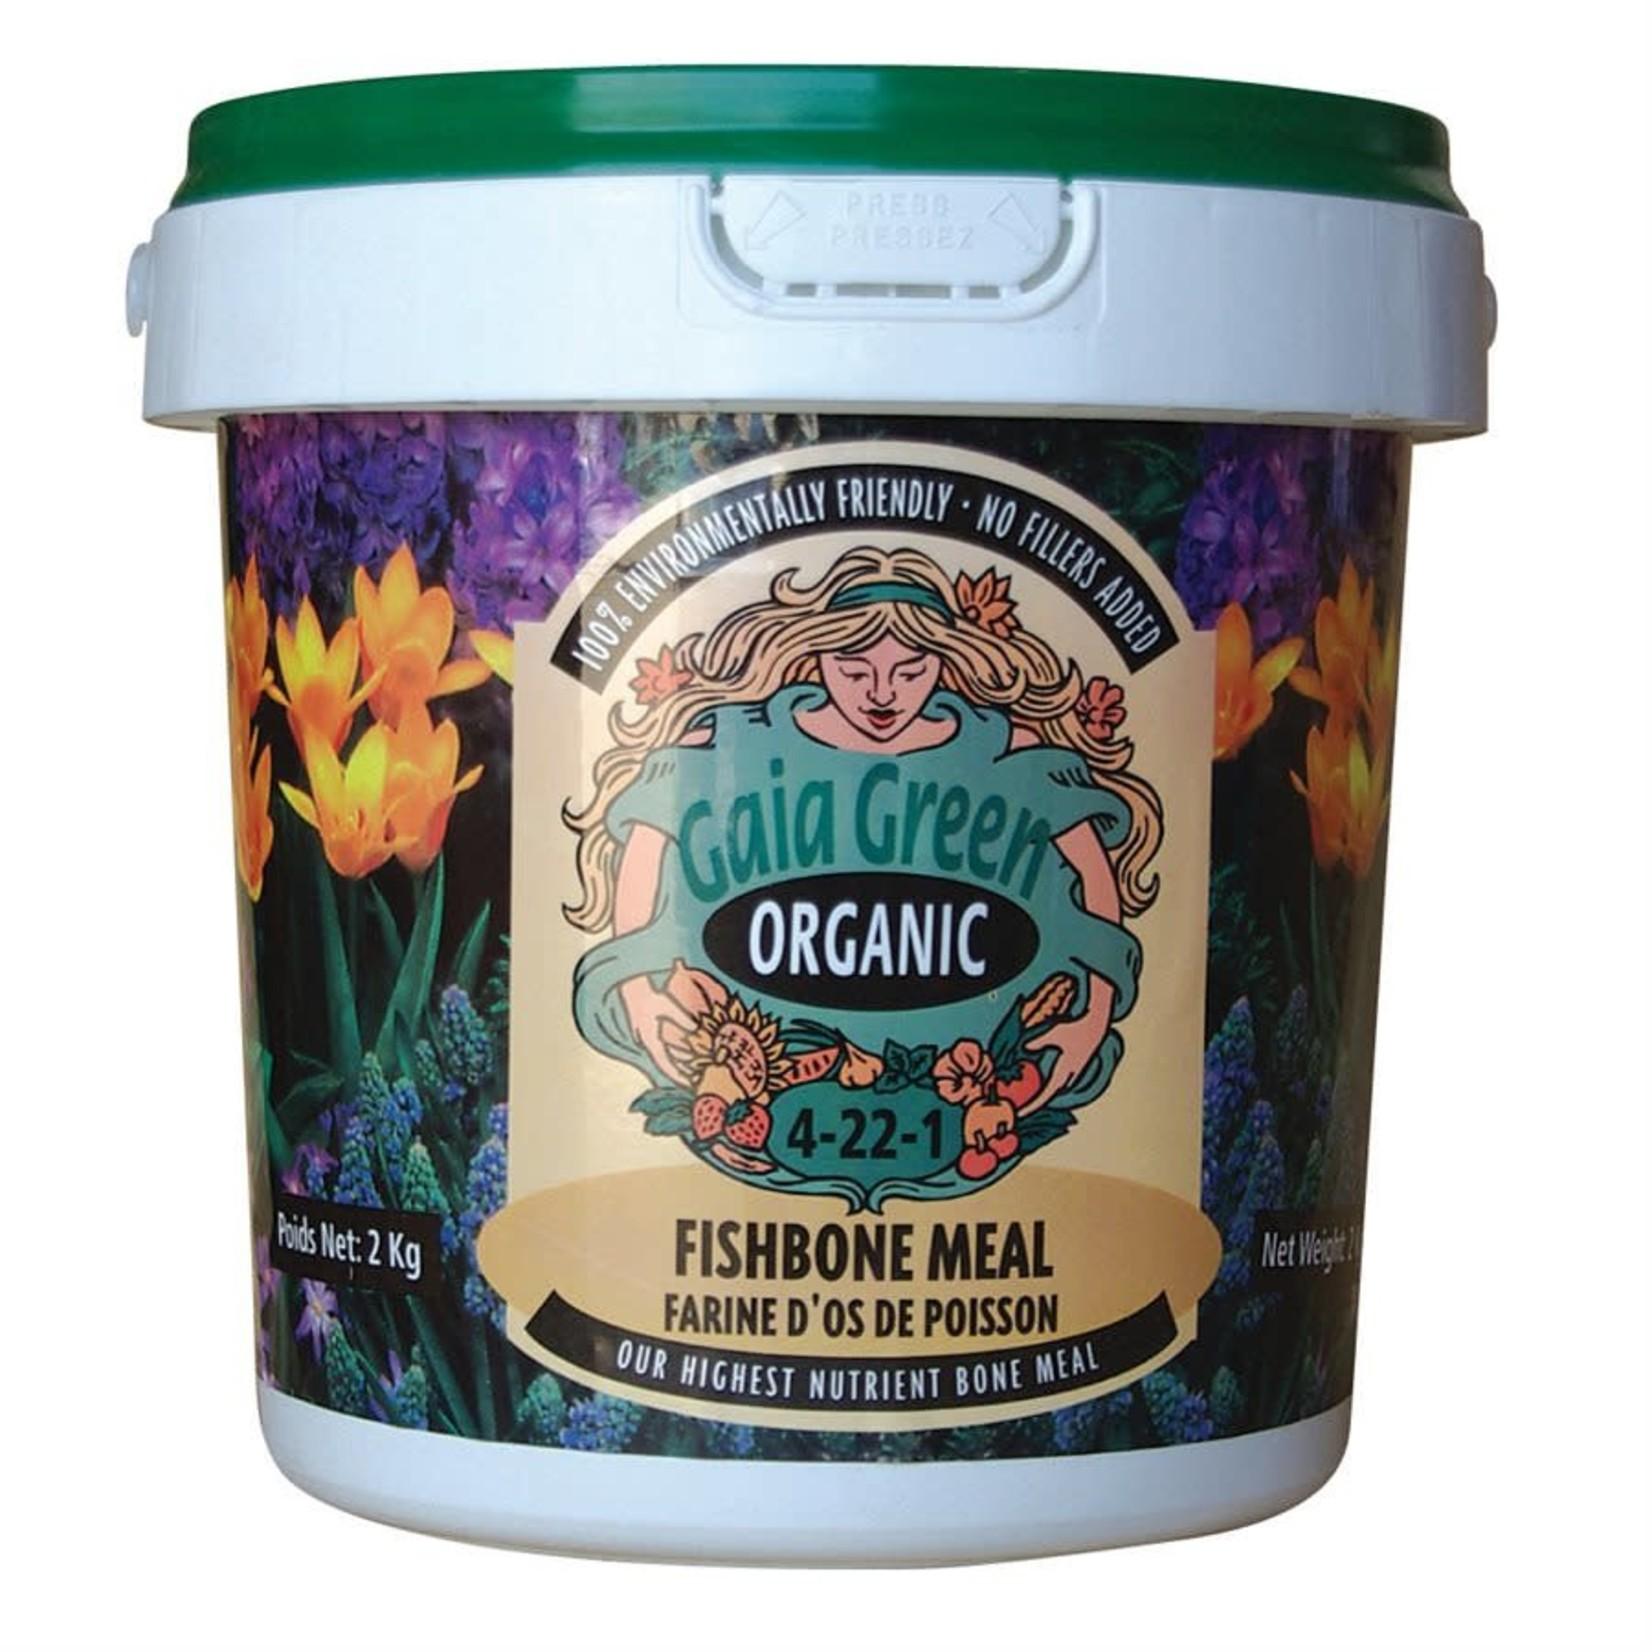 Gaia Green Fishbone Meal 1.8kg